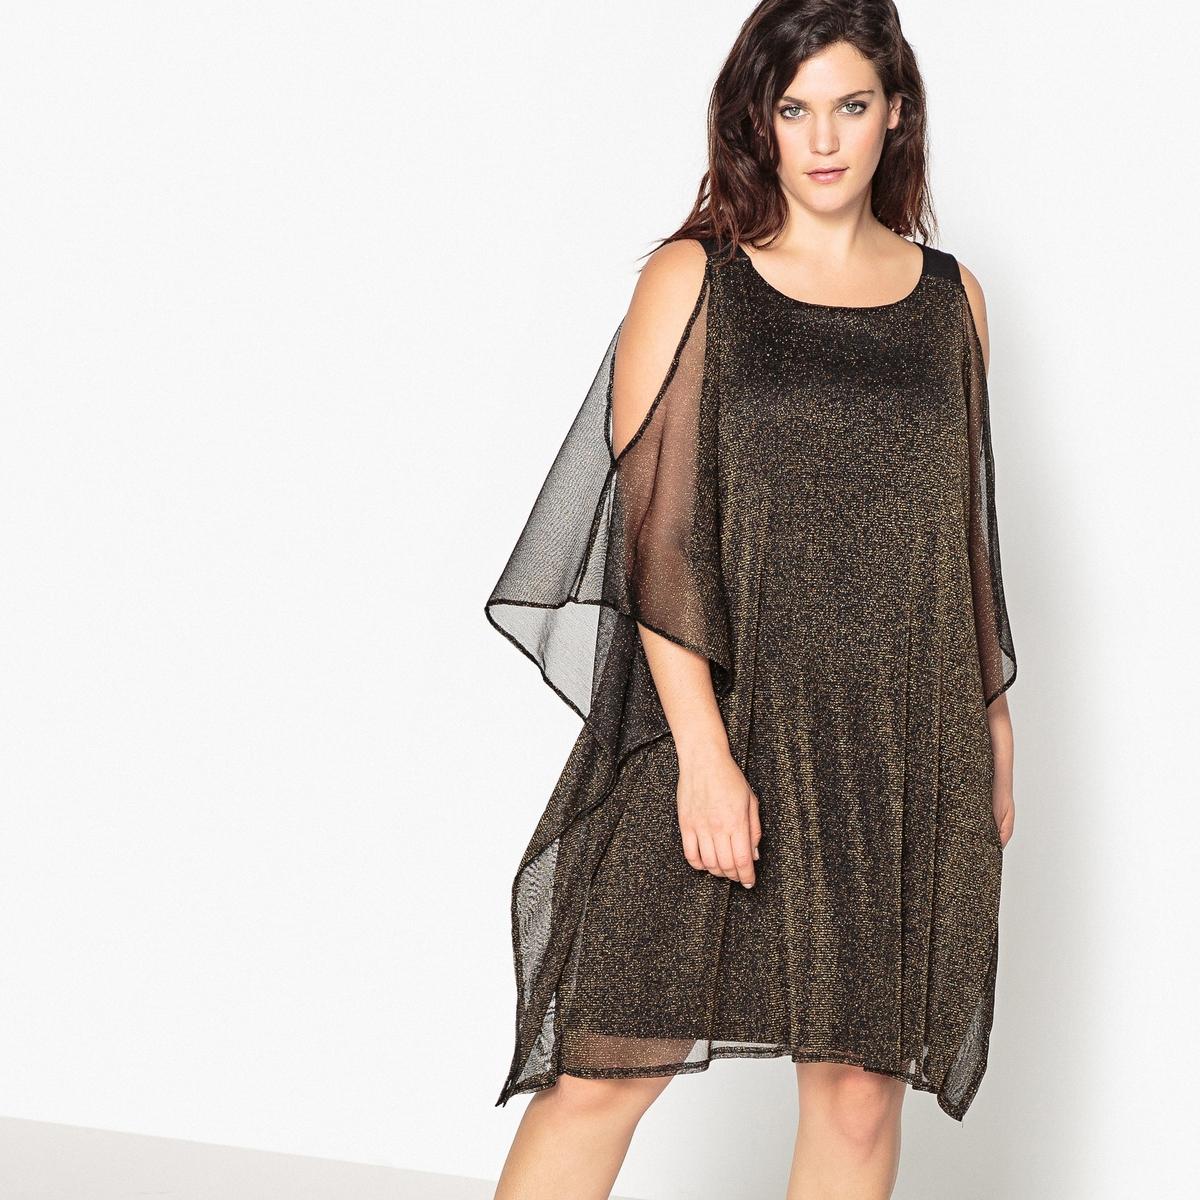 Платье расклешенное средней длины из двух материалов с короткими рукавамиОписание:Оригинальное платье из двух материалов квадратного покроя, блестящая вуаль сверху. Великолепное и очень элегантное вечернее платье не оставит Вас незамеченной.Детали •  Форма : расклешенная •  Длина до колен •  Без рукавов     •  Круглый вырезСостав и уход •  13% металлизированных волокон, 87% полиамида •  Подкладка : 95% вискозы, 5% эластана •  Температура стирки 30° на деликатном режиме   •  Сухая чистка и отбеливание запрещены    •  Барабанная сушка на деликатном режиме •  Низкая температура глажки Товар из коллекции больших размеров<br><br>Цвет: черный/золотистый<br>Размер: 50/52 (FR) - 56/58 (RUS)